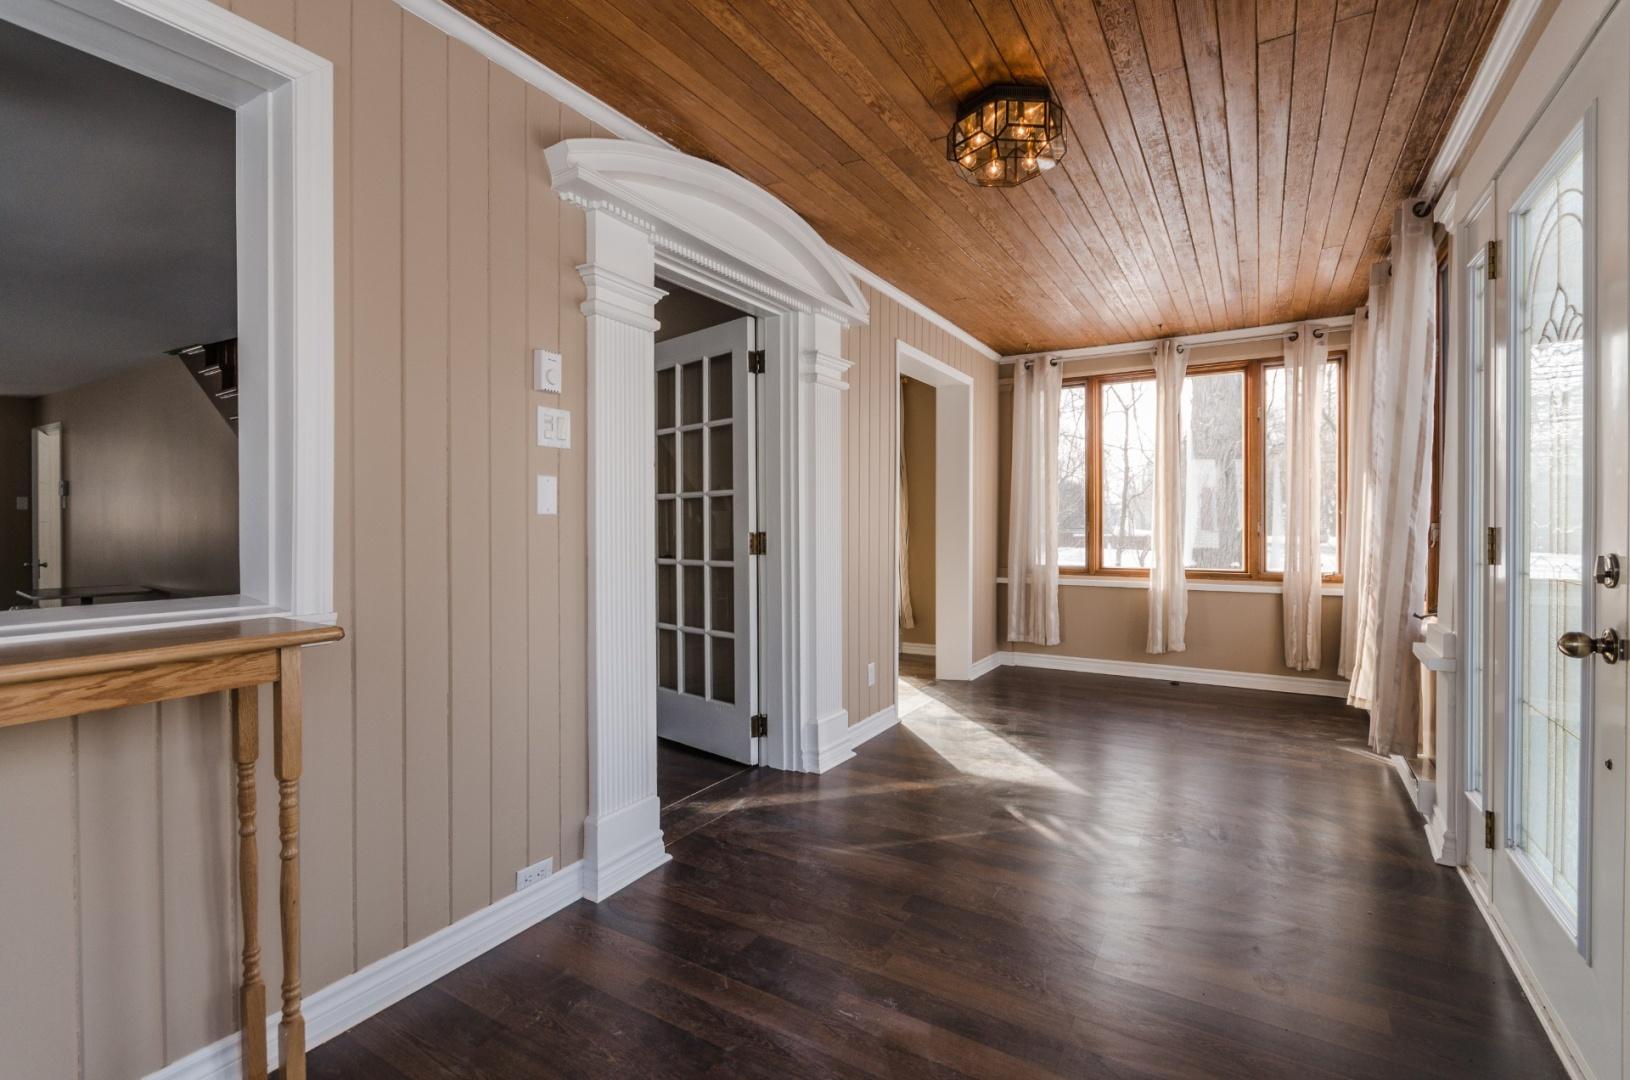 Maison-etages-boucherville-vieux-village-joli-Design-Quebec-03